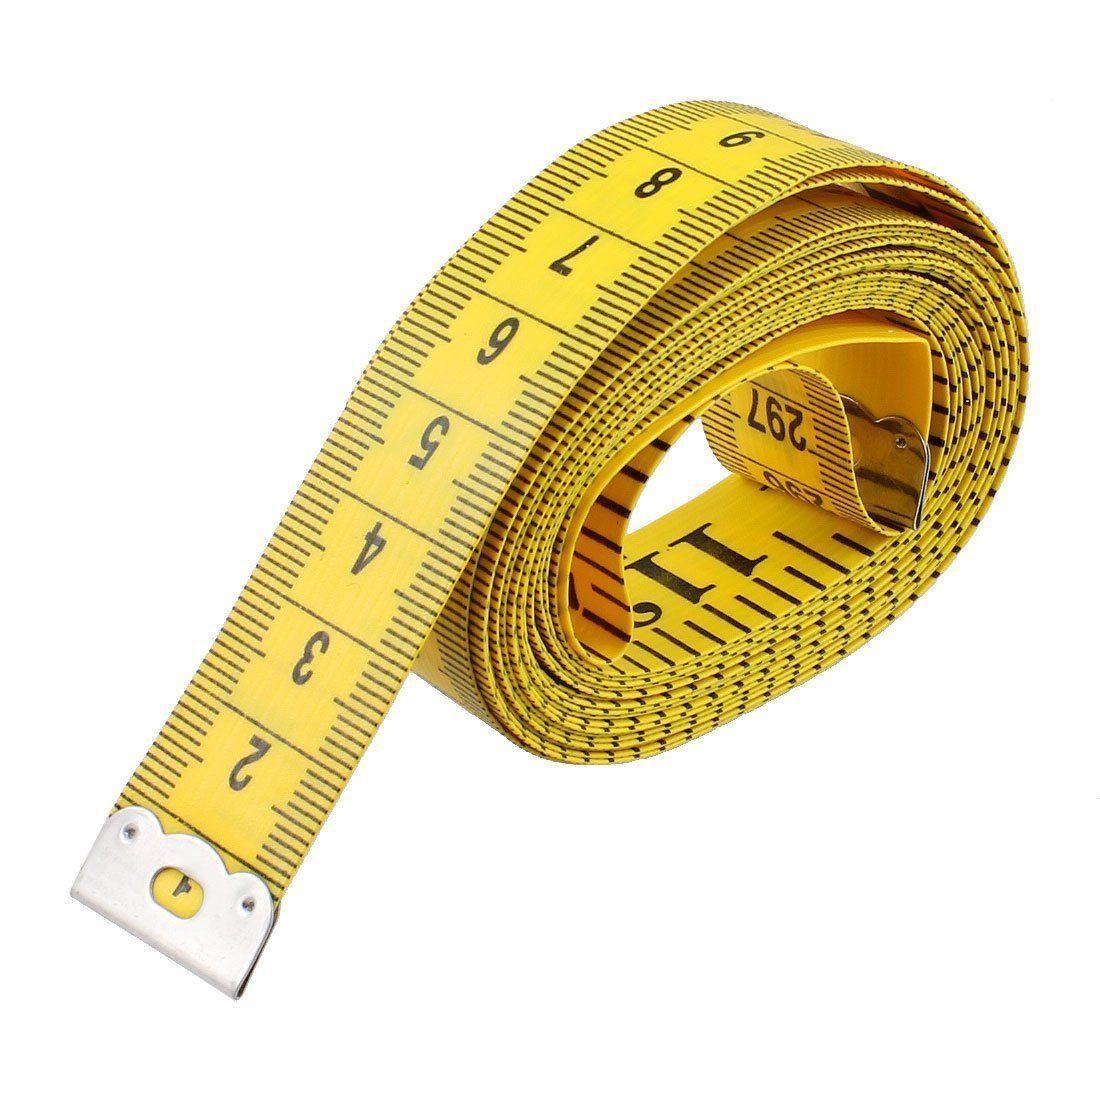 120-Inch 3 m Medidas de Fita Mole para Costurar Alfaiate Pano Régua de Costura de Costura Macio Tecido Fino de Medição de Fitas Amarelo